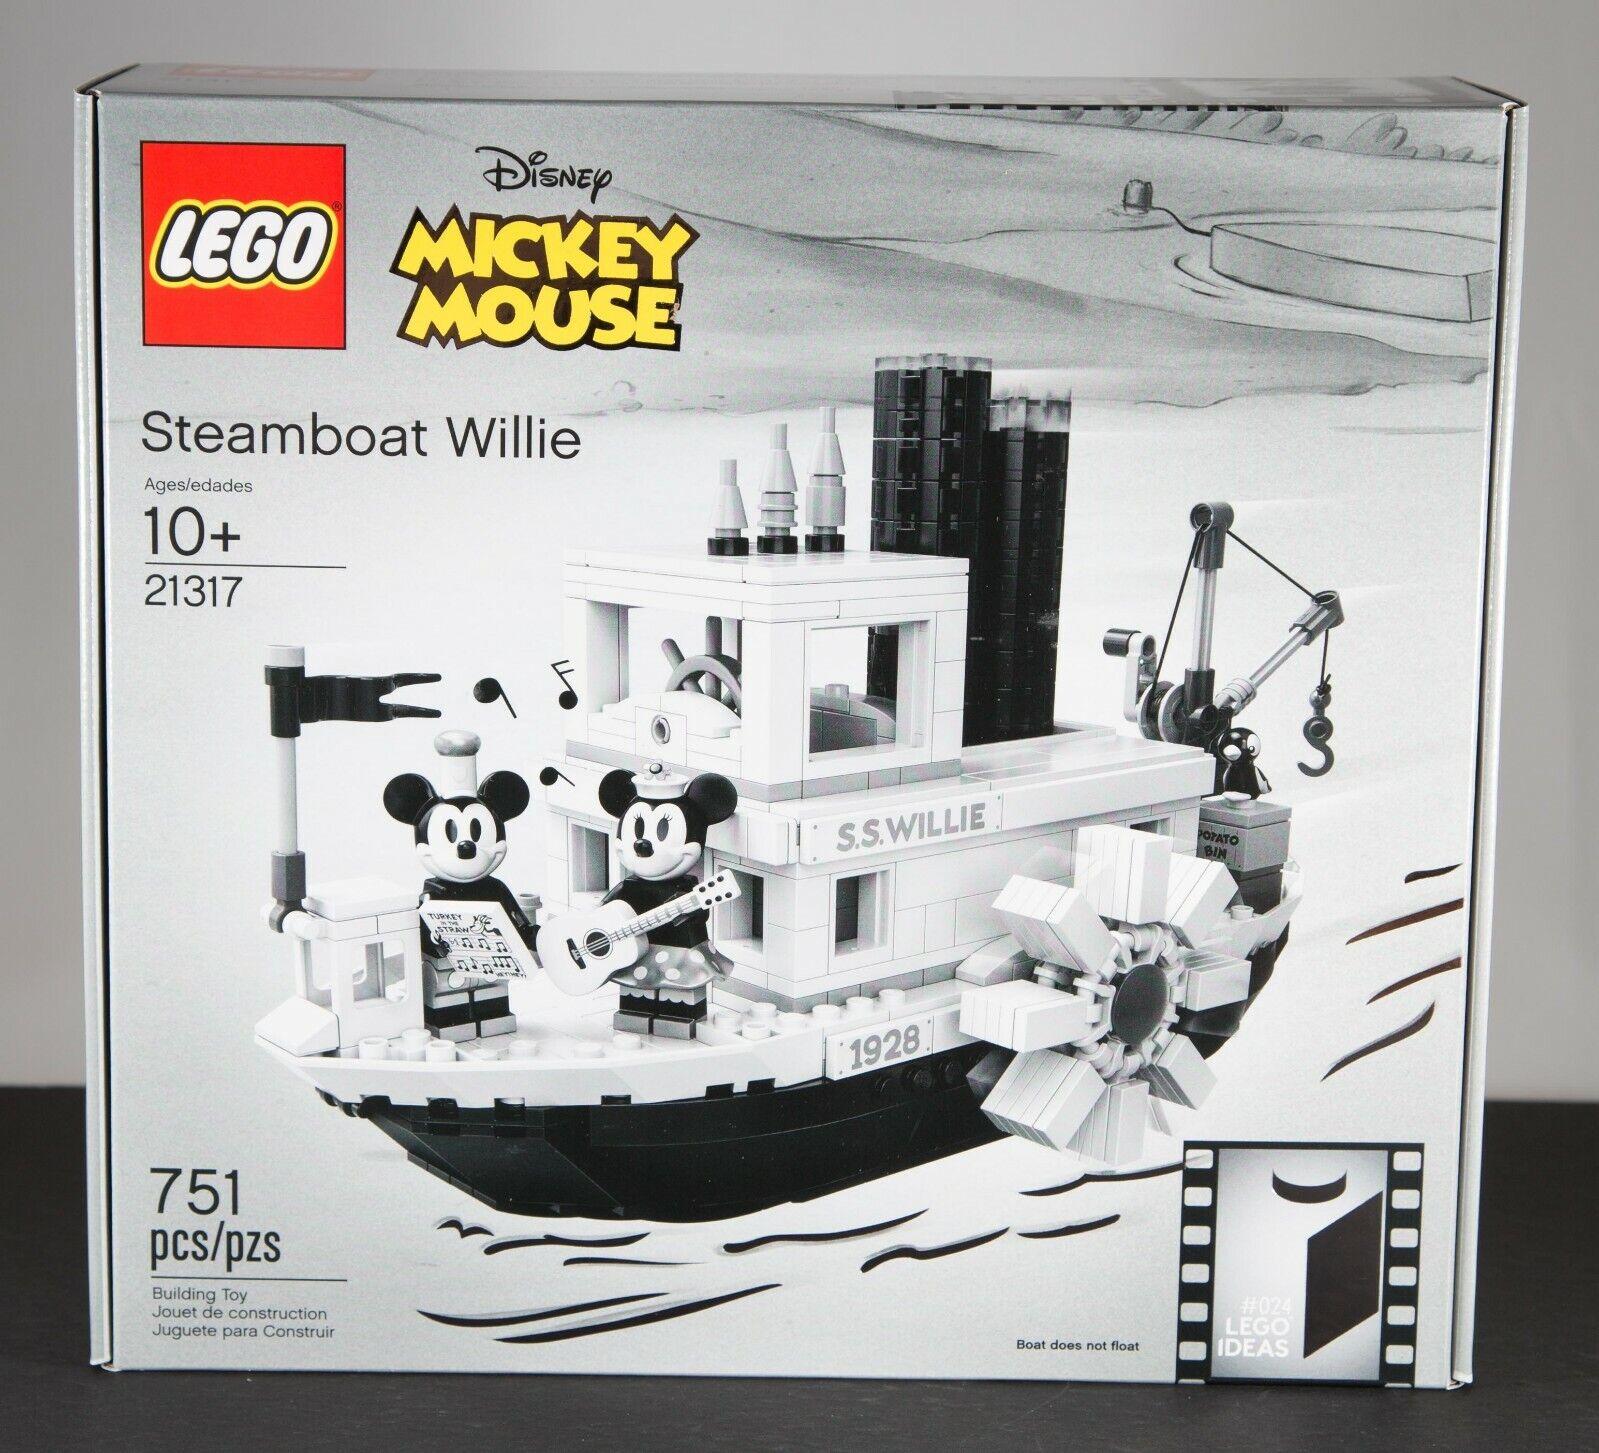 nuovo Sealed Lego 2019  Ssquadraboat Willie  21317 751 Pcs.-RARE scatola Error  24  confortevole